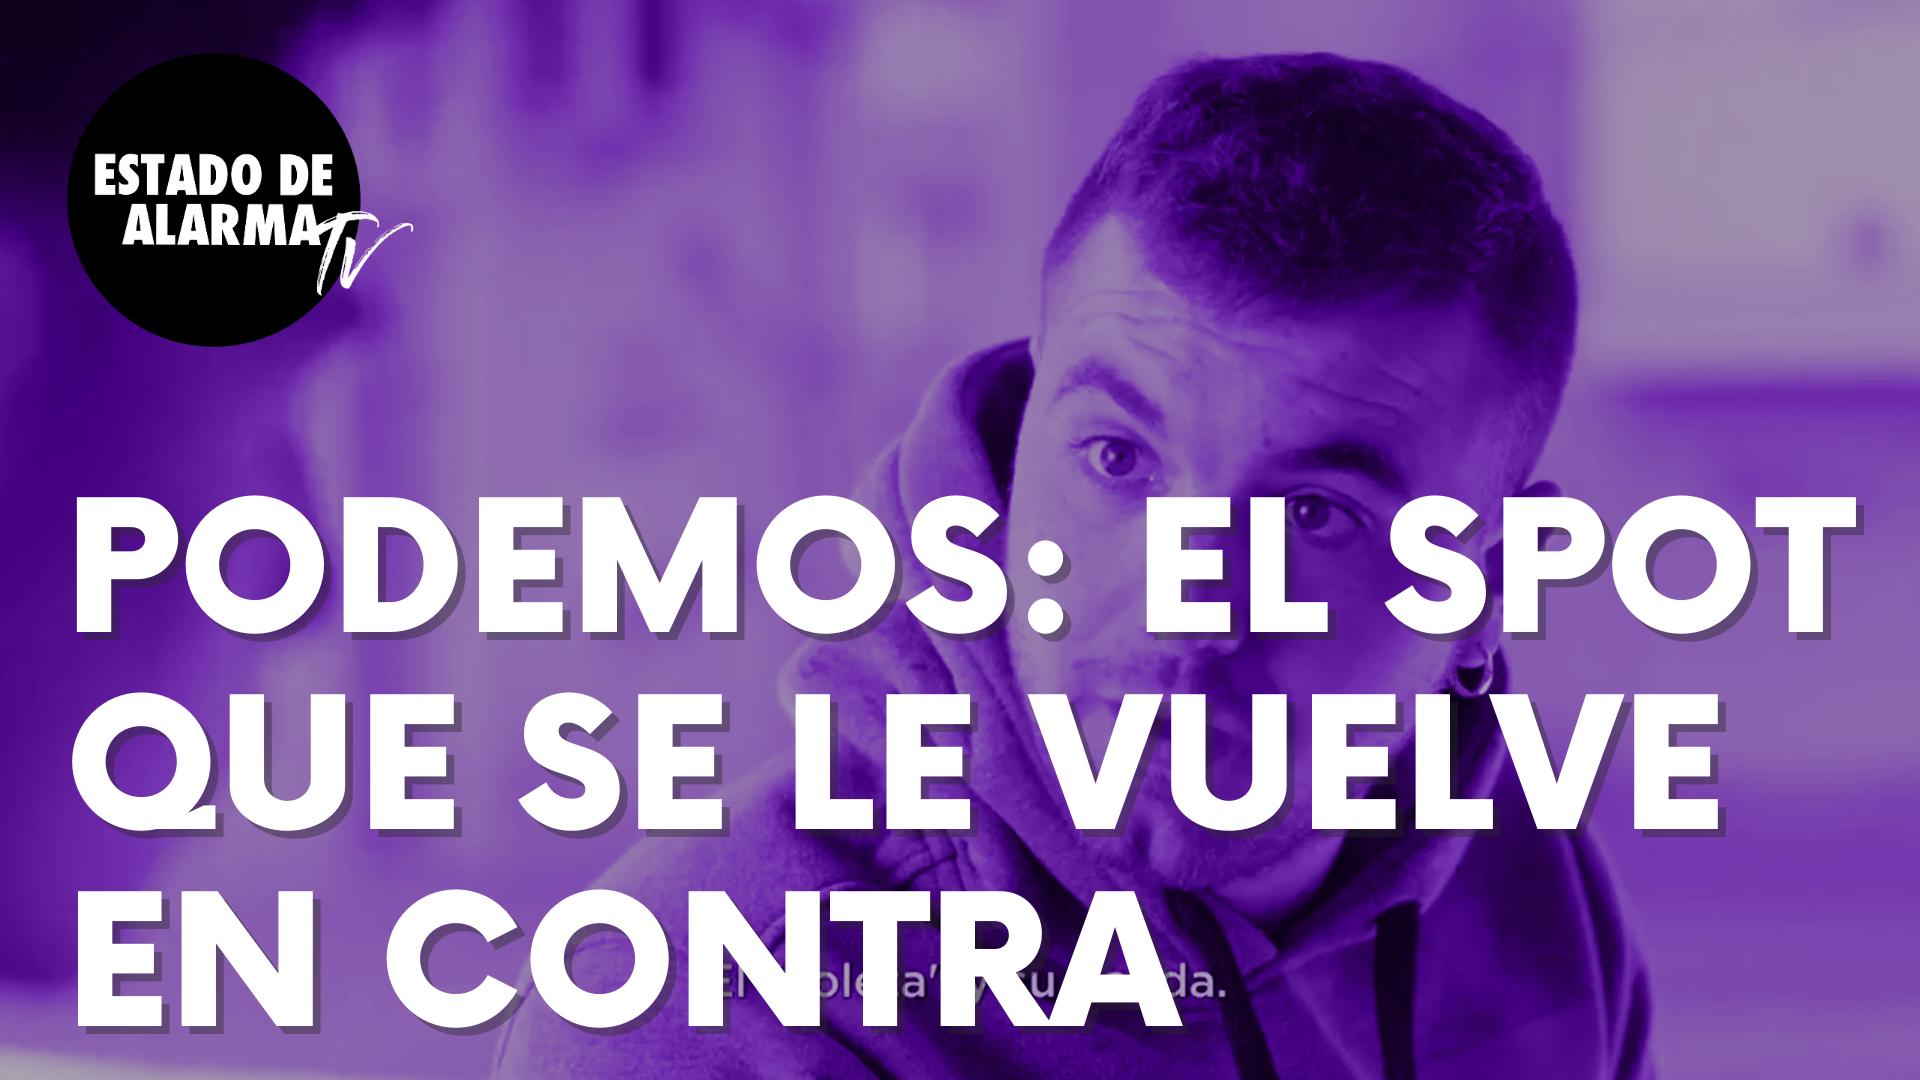 El spot de Podemos que le vuelve en contra y cuya versión tiene más visualizaciones que el original